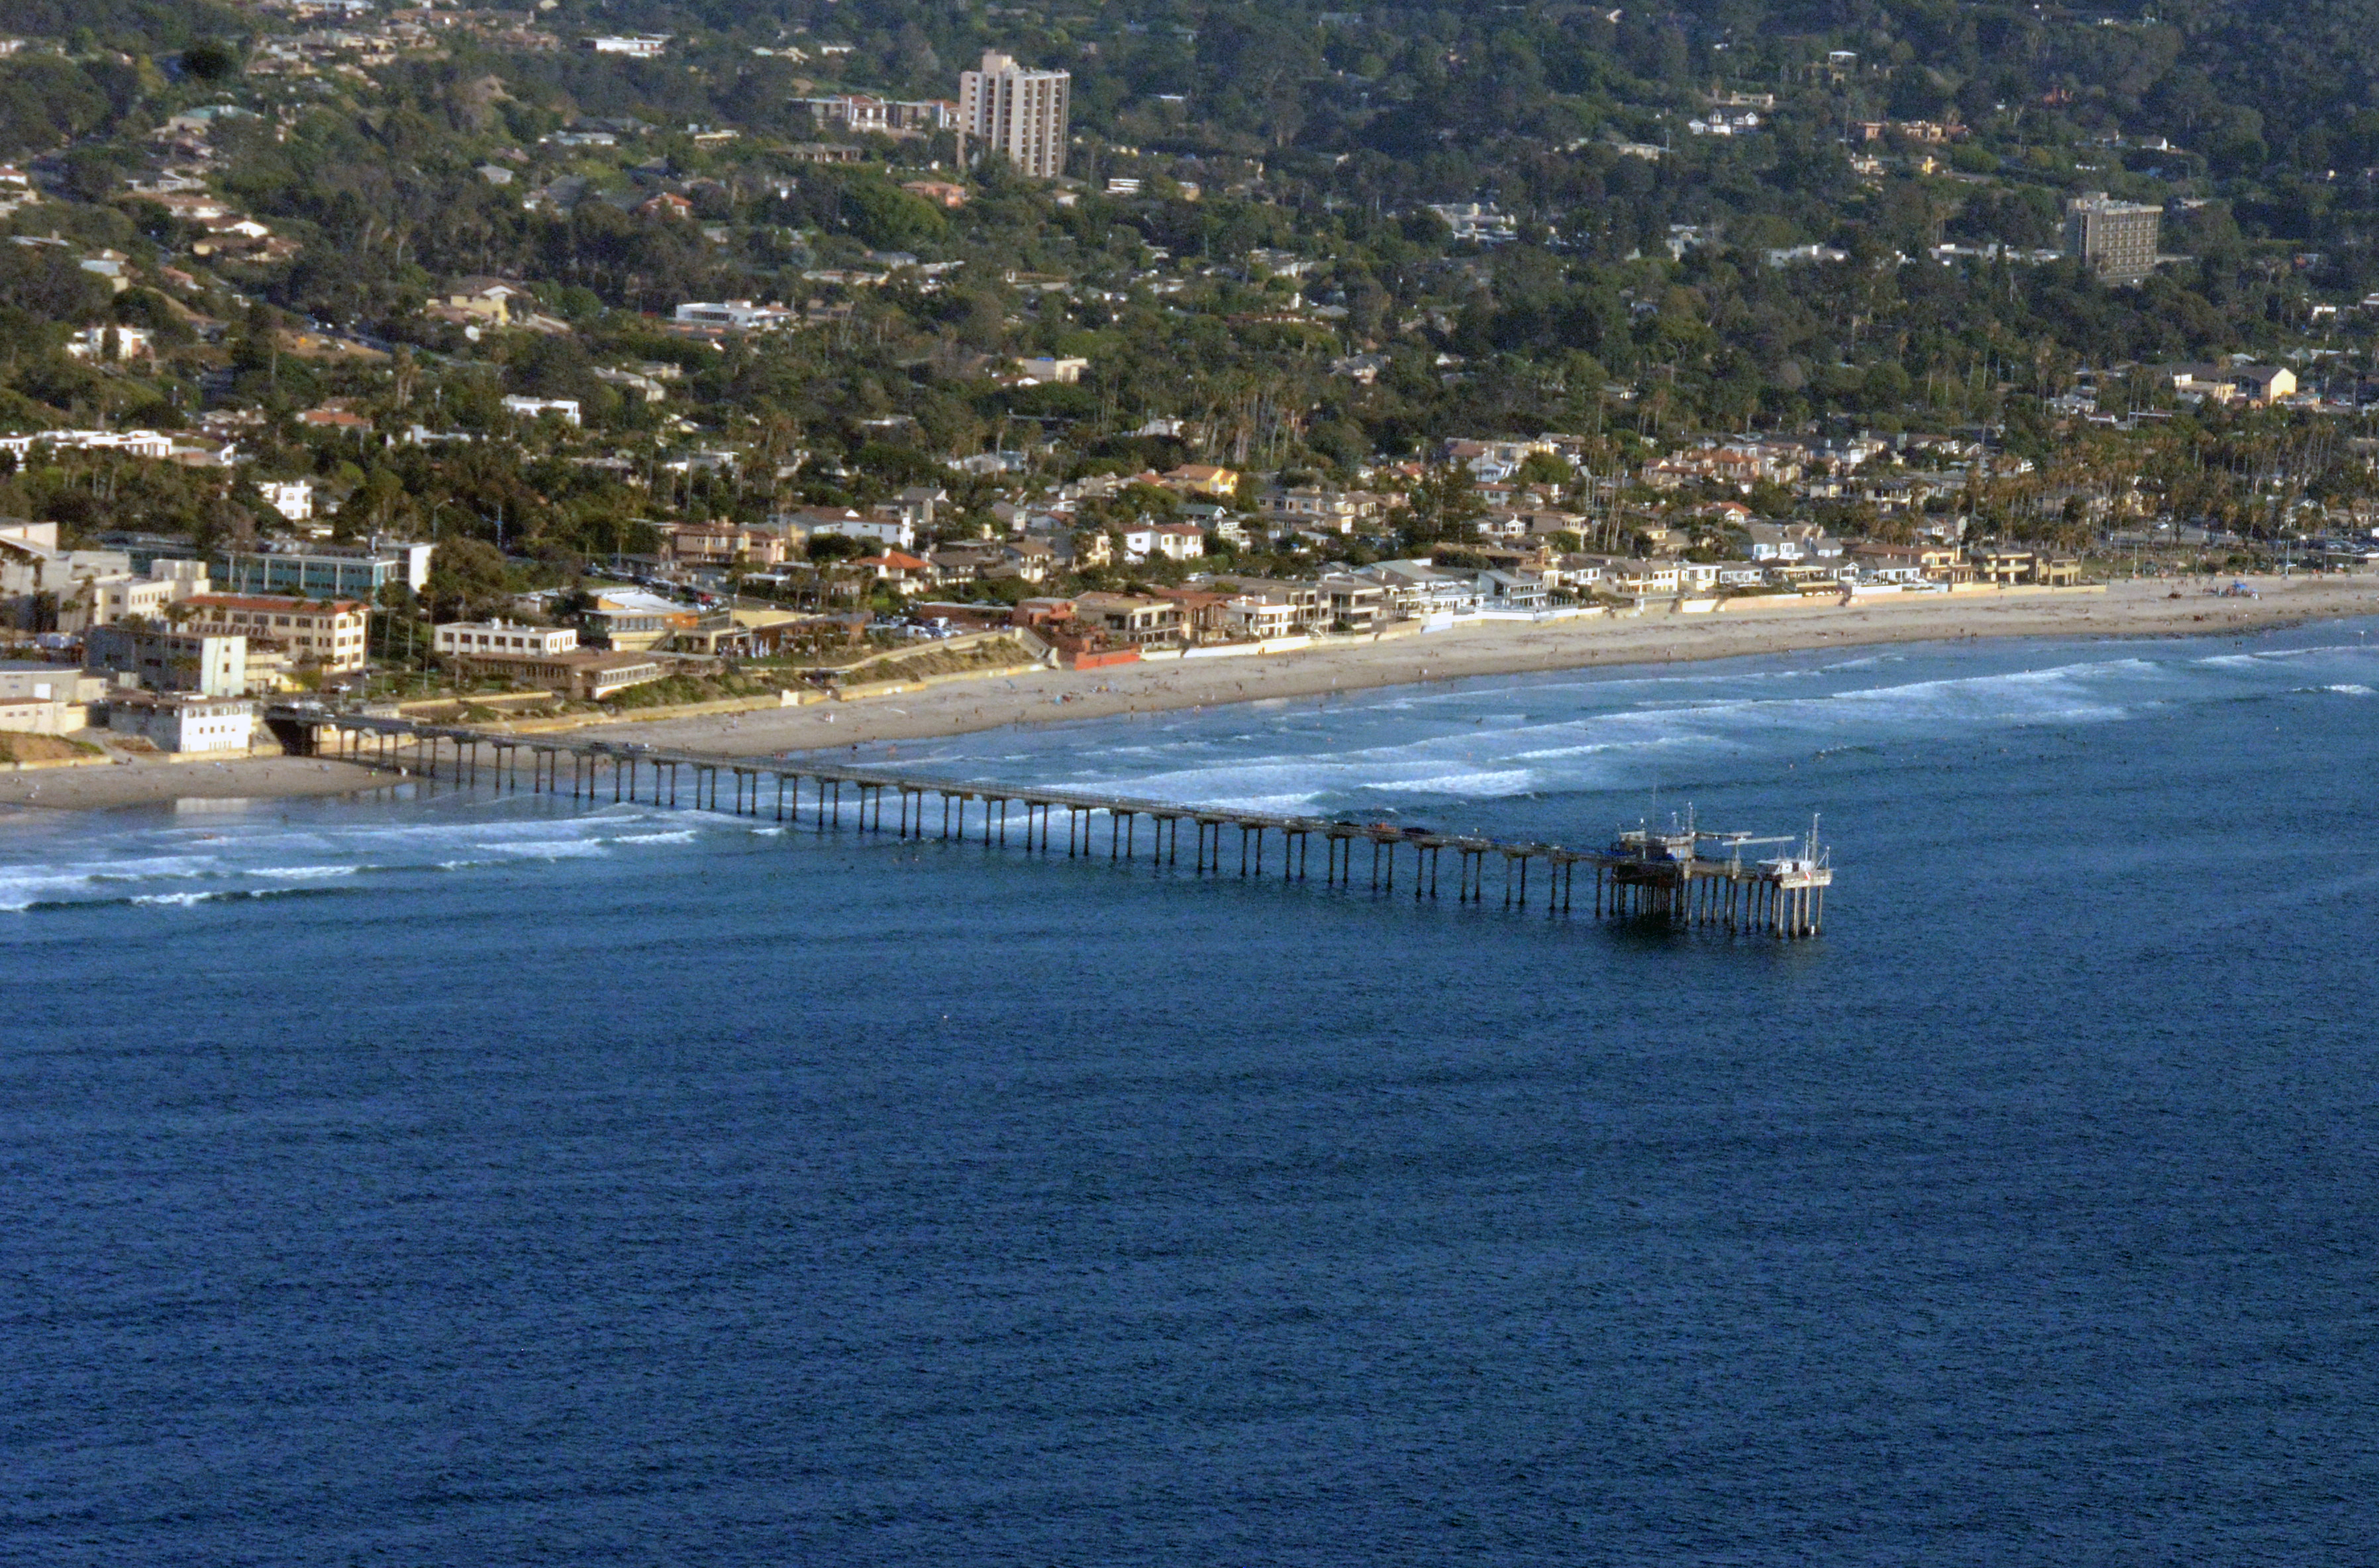 La Jolla Shores photo D Ramey Logan.jpg